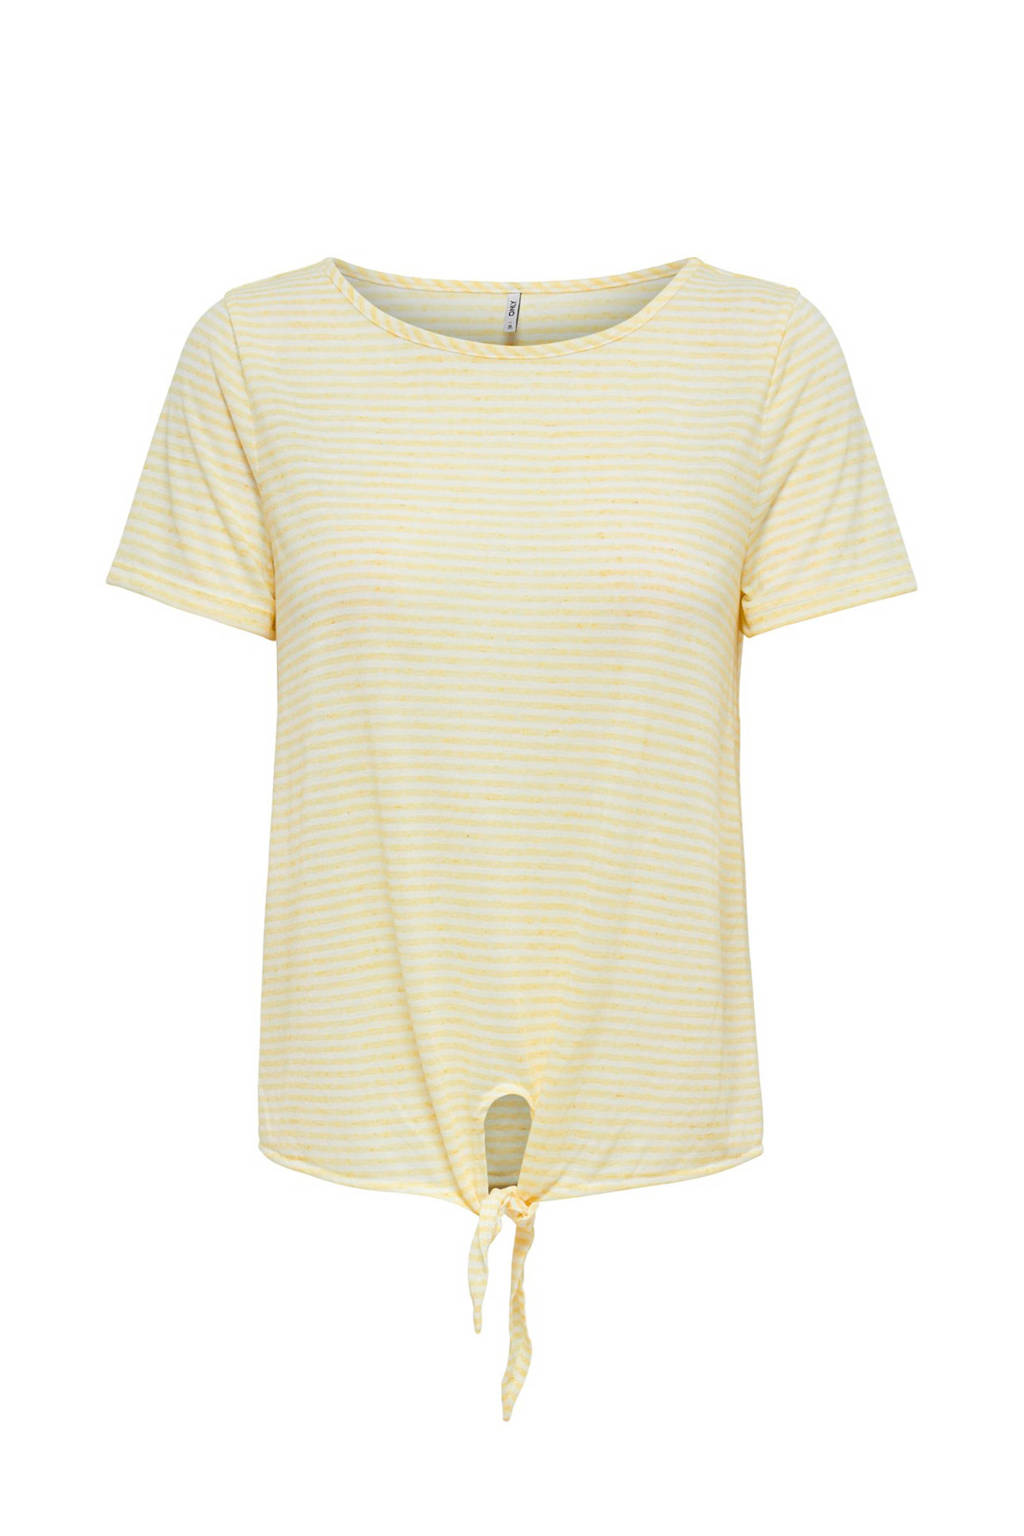 hoogwaardige sportkleding wereldwijd verkocht best verkocht gestreept T-shirt met knoopdetail